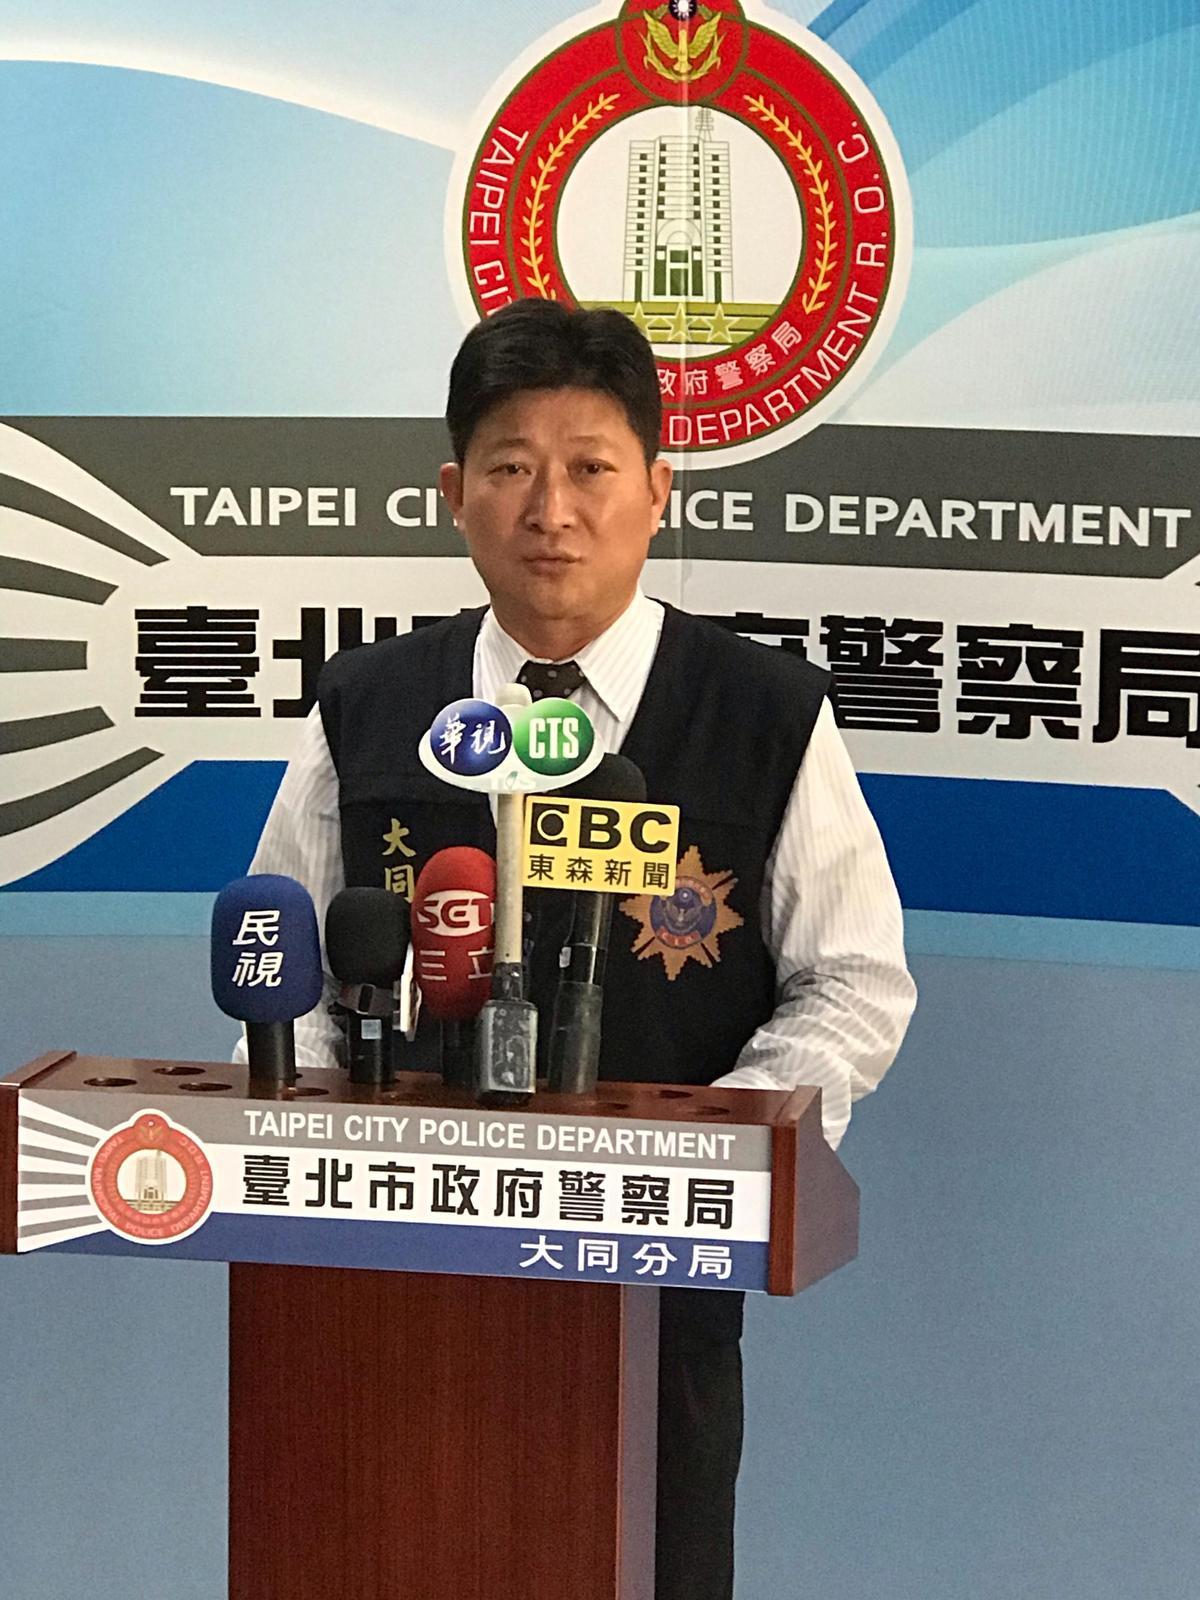 大同分局偵查隊長謝志鑫表示不法之徒不要心存僥倖。(警方提供)